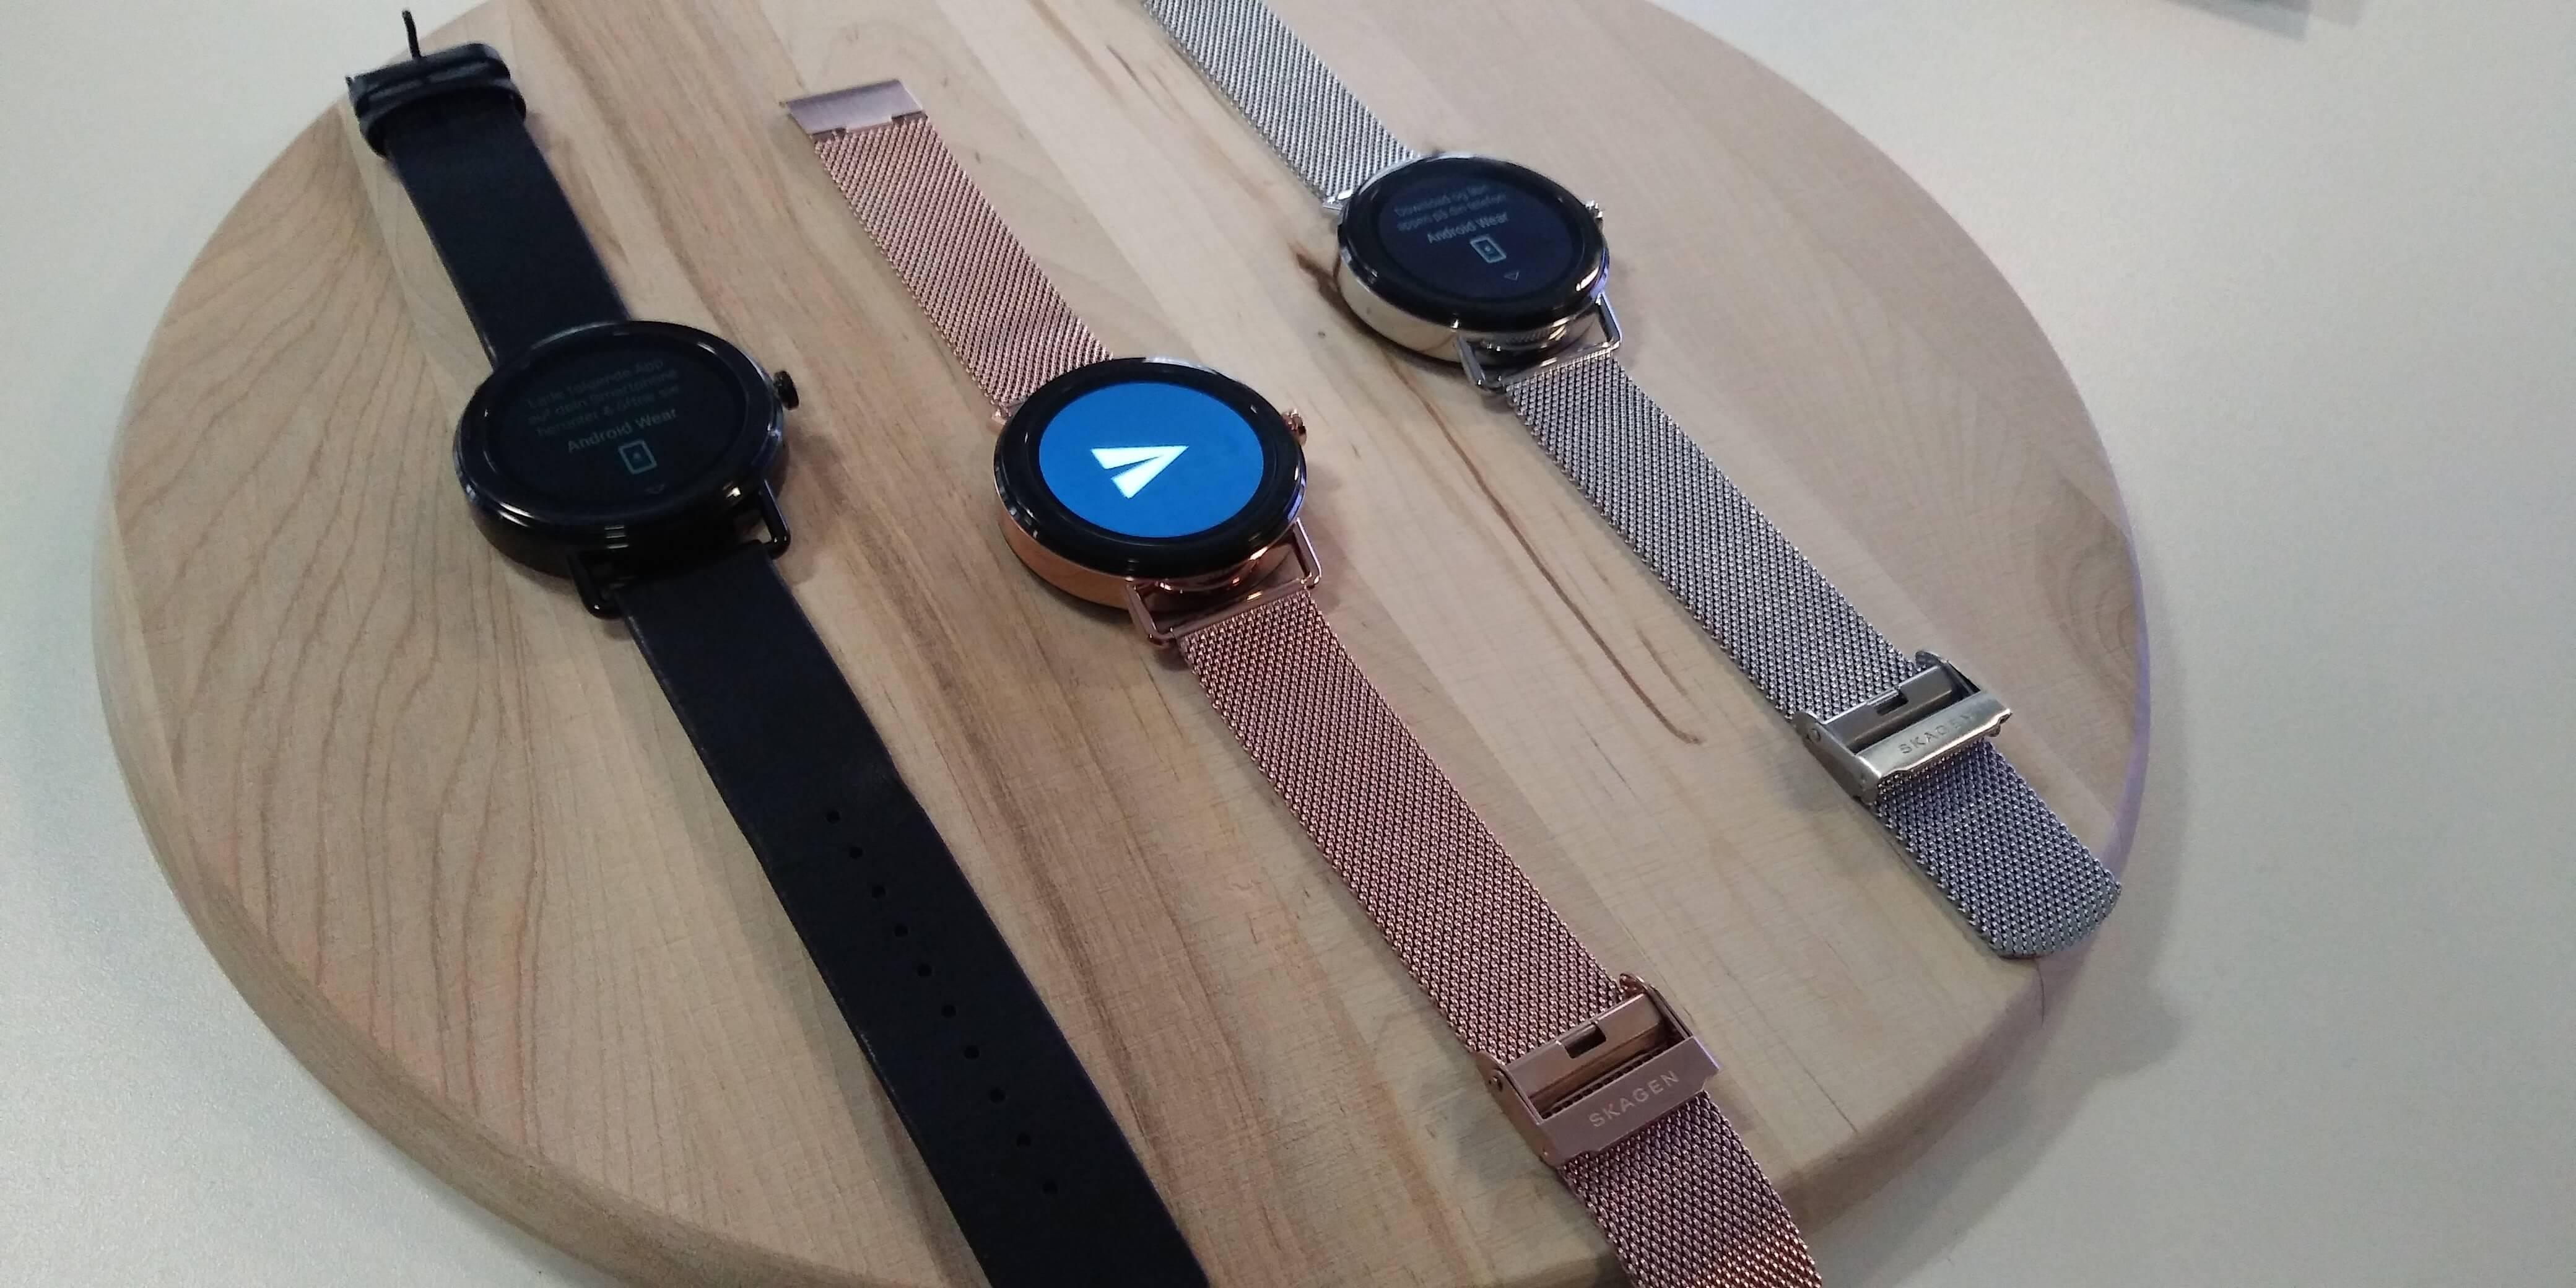 [ Prise en main ] Skagen dévoile la Falster, une sublime smartwatch